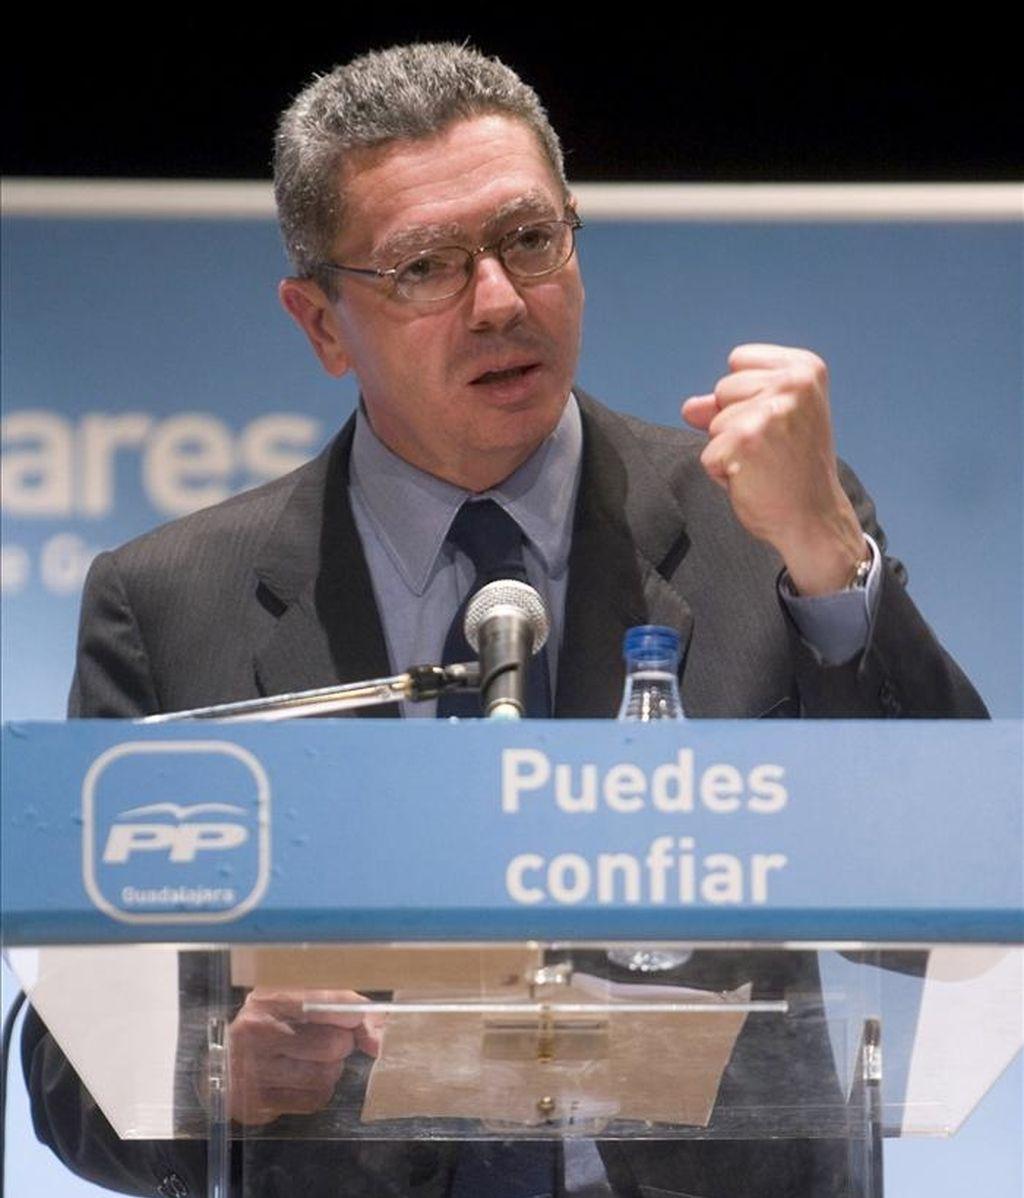 El alcalde de Madrid, Alberto Ruiz-Gallardón, durante su intervención en la presentación de la candidatura del Partido Popular al Ayuntamiento de Cabanillas del Campo en las próximas elecciones municipales. EFE